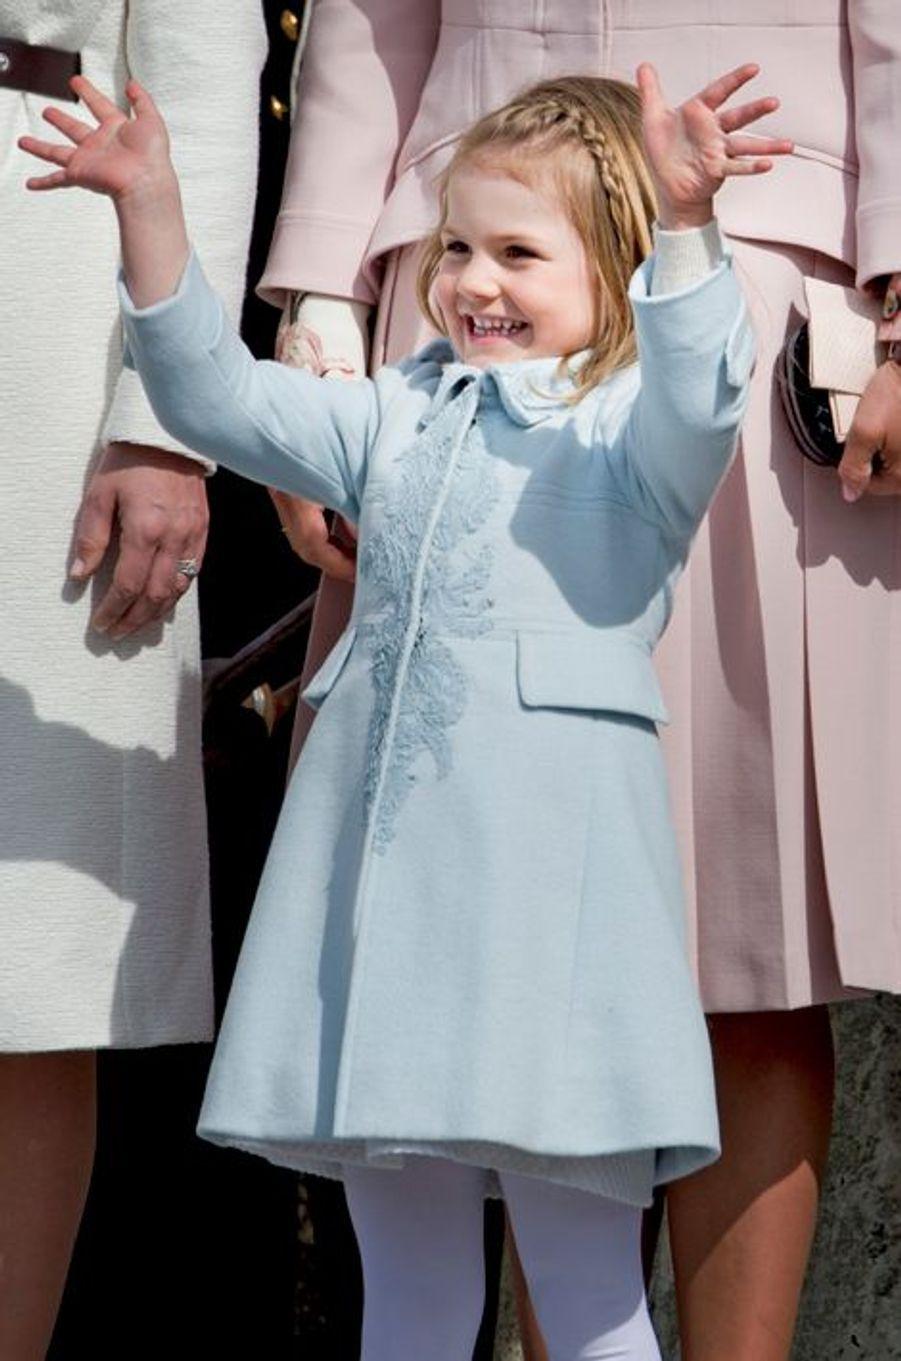 La toute mignonne petite princesse Estelle n'a pas manqué de se faire remarquer ce samedi 30 avril lors des cérémonies des 70 ans de son grand-père le roi de Suède.